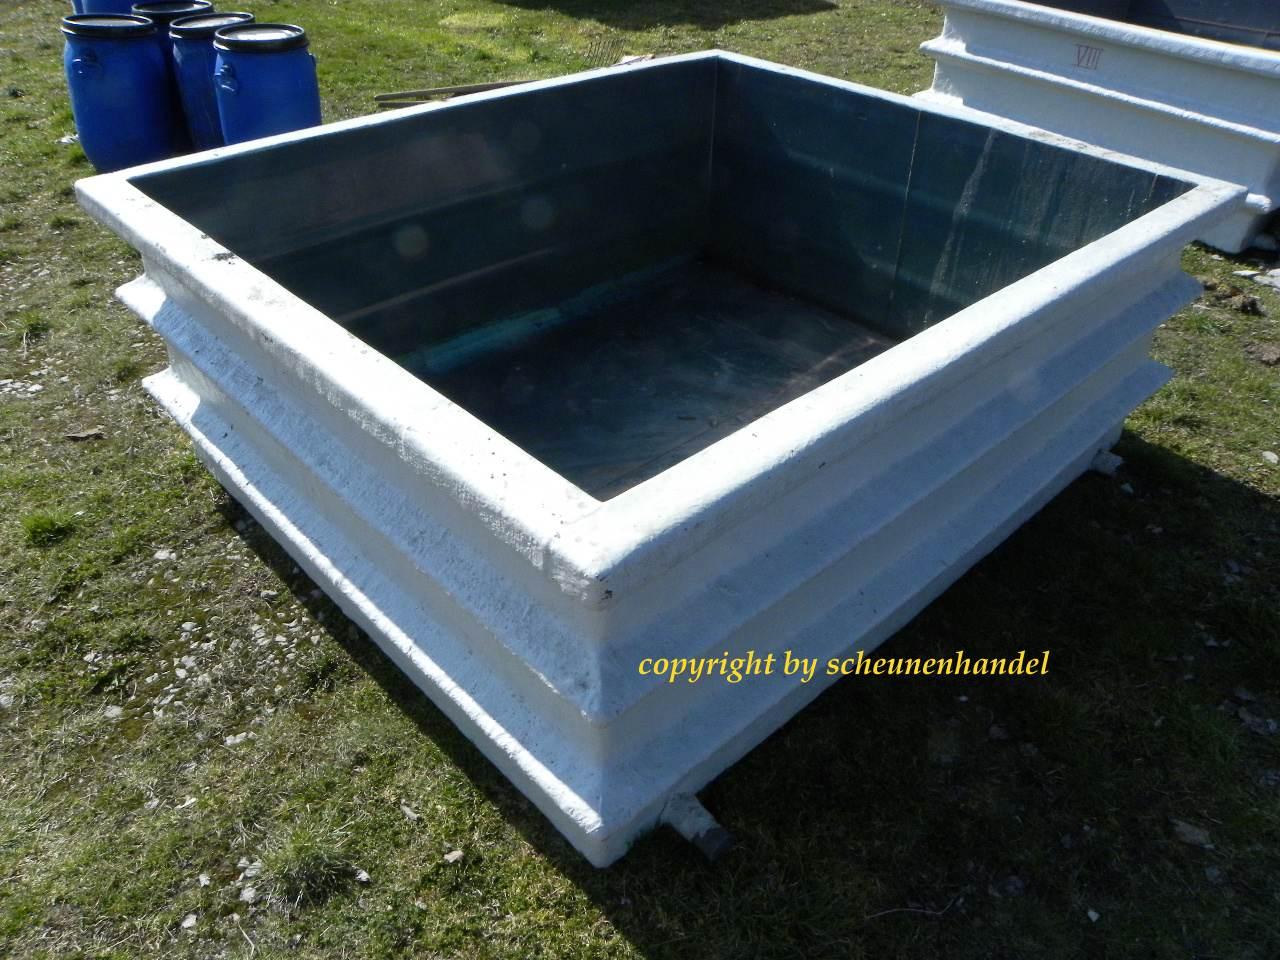 Full Size of Gebrauchte Gfk Pools Fischbecken Gebraucht Betten Küche Kaufen Fenster Verkaufen Einbauküche Regale Wohnzimmer Gebrauchte Gfk Pools